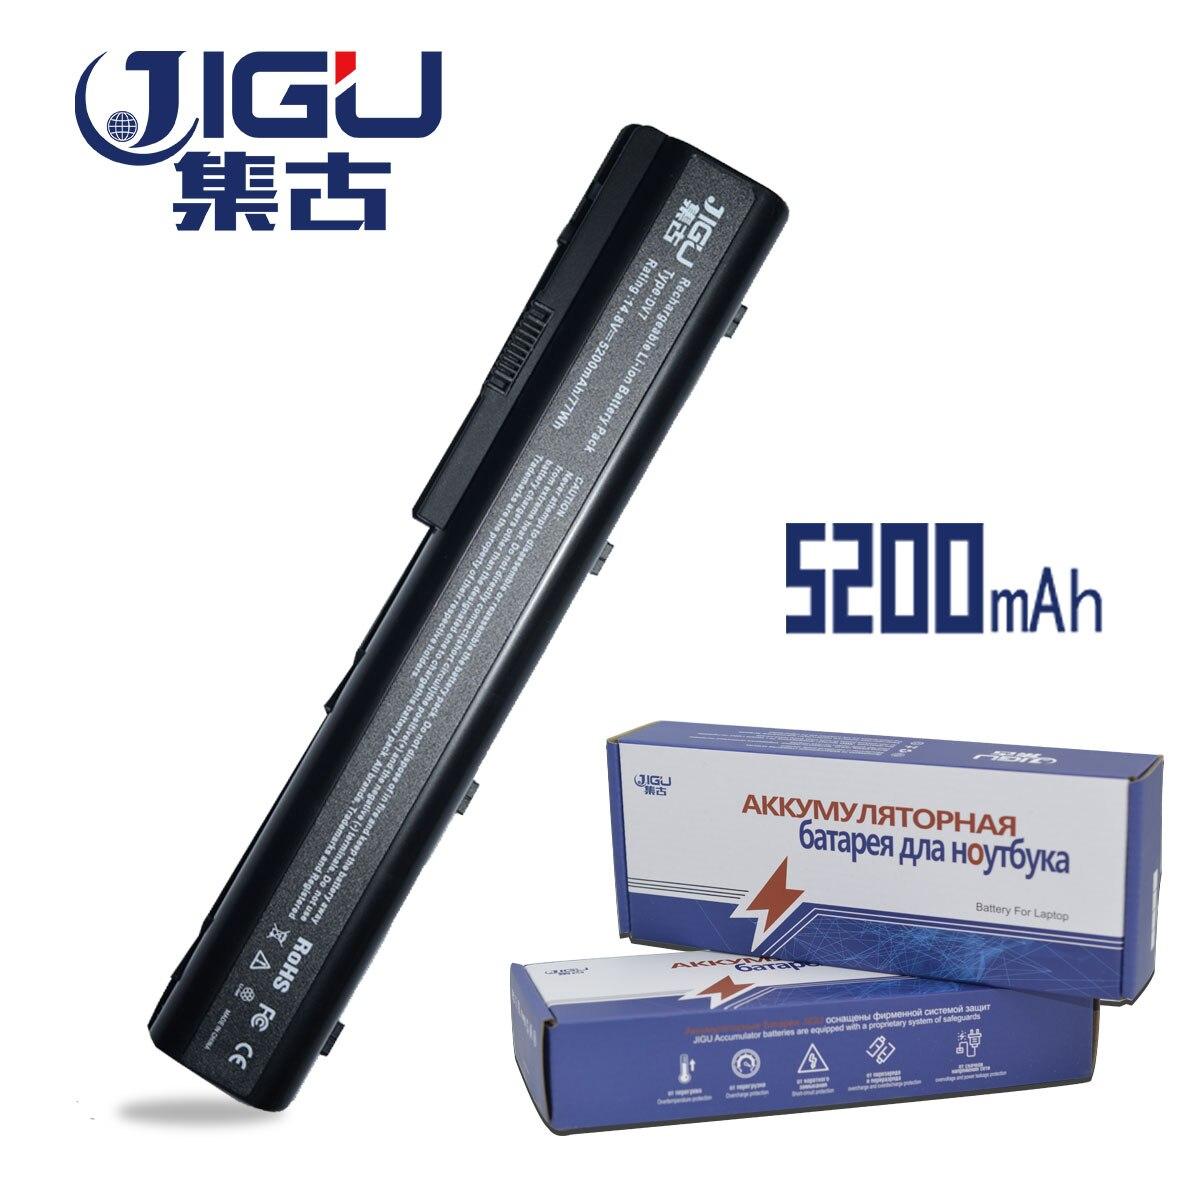 JIGU Battery For HP Pavilion DV7 DV8 HDX18 HSTNN-IB75 HSTNN-DB75 HSTNN-XB75 HSTNN-C50C HSTNN-Q35C 464059-121 464059-141JIGU Battery For HP Pavilion DV7 DV8 HDX18 HSTNN-IB75 HSTNN-DB75 HSTNN-XB75 HSTNN-C50C HSTNN-Q35C 464059-121 464059-141